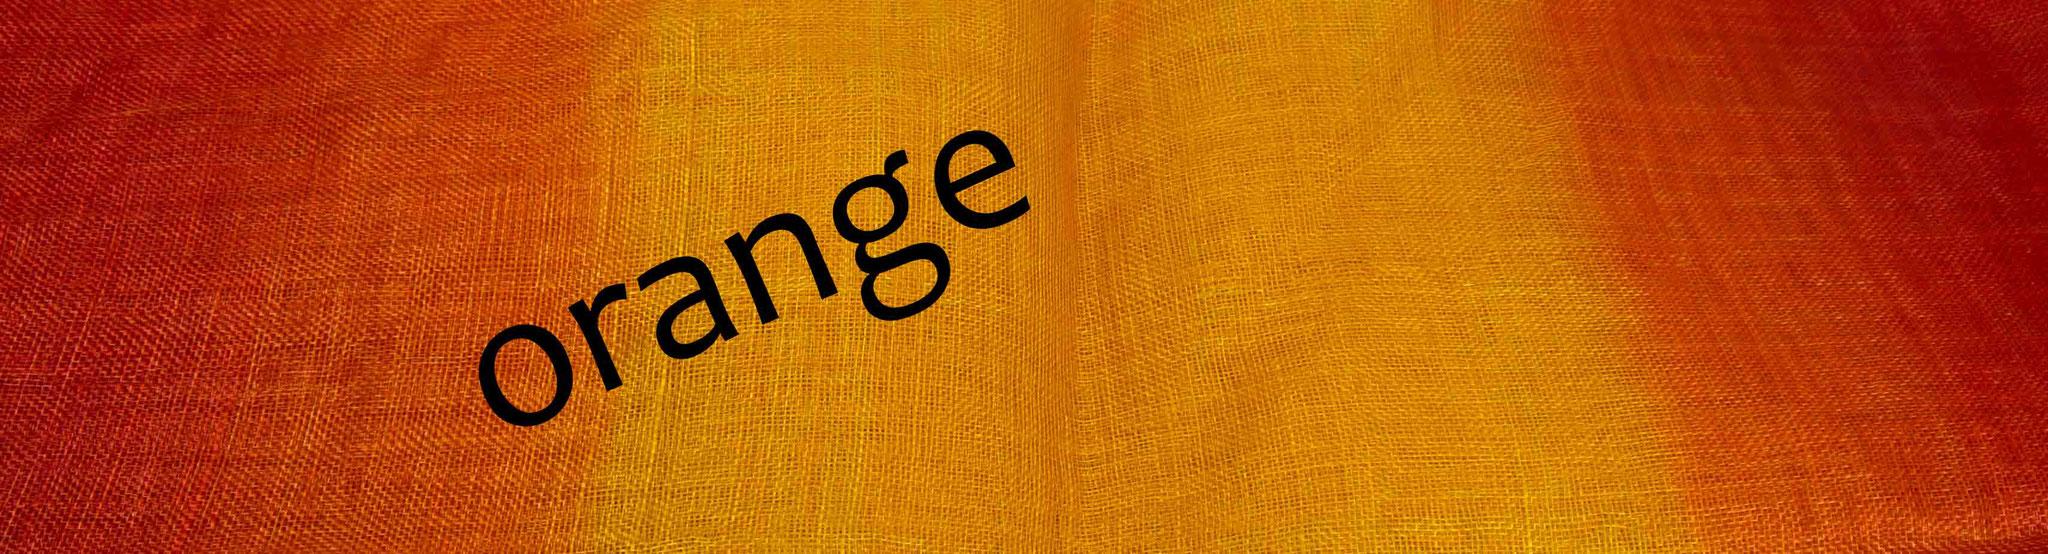 Sinamay mit Farbverlauf, orange zu gelb/orange